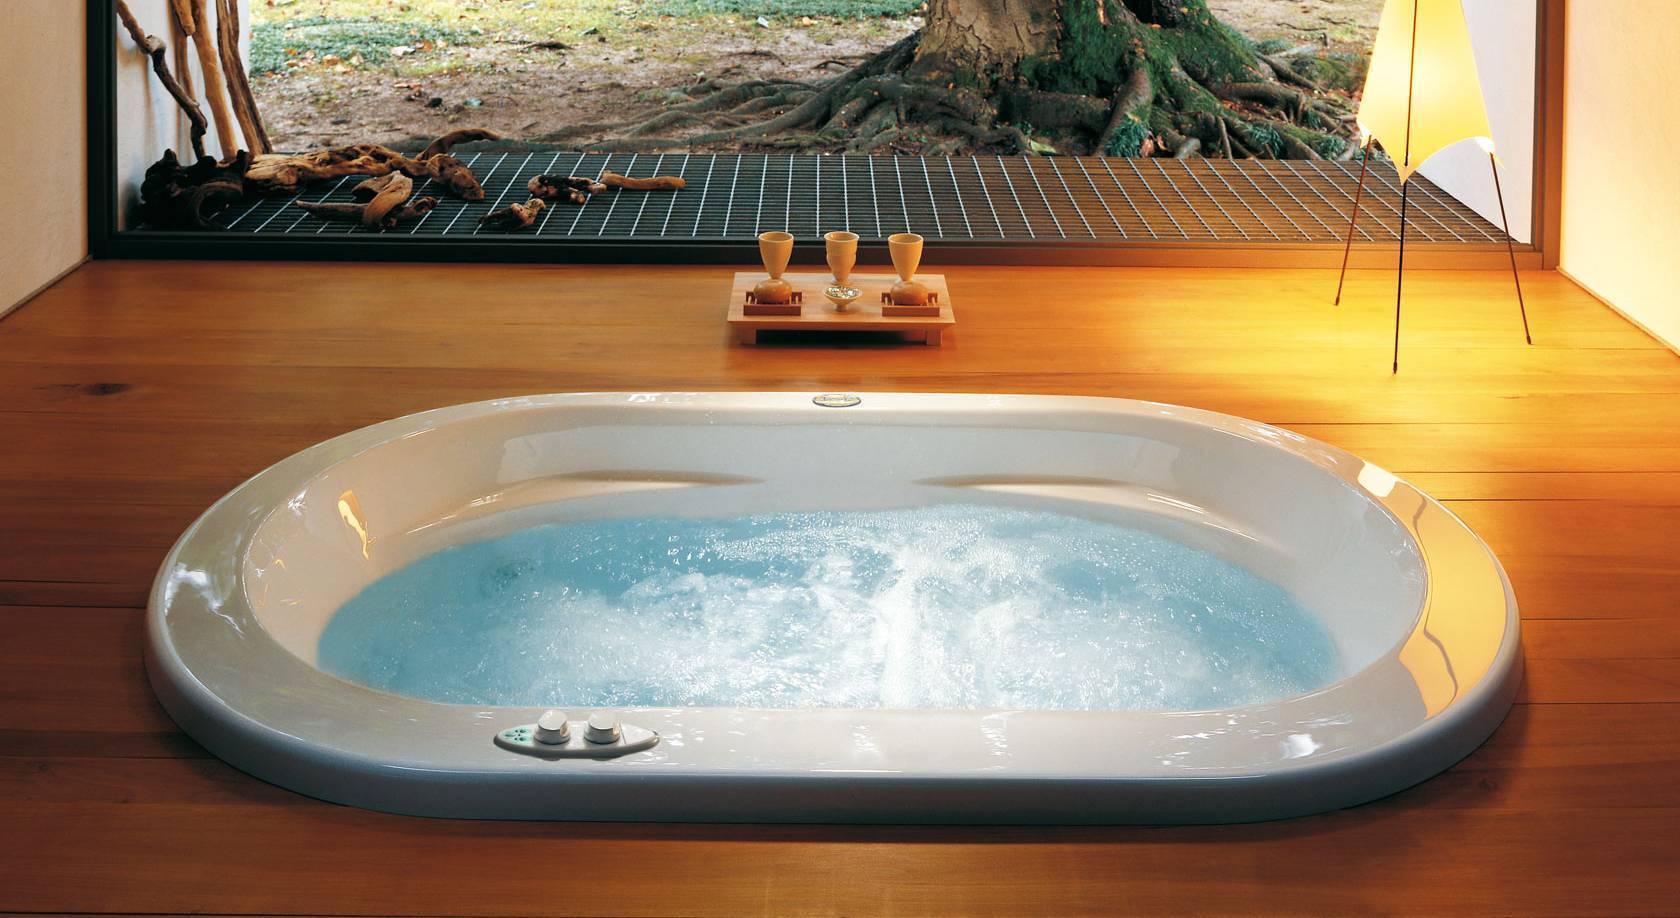 Джакузи (112 фото): гидромассажная ванна - ремонт и установка своими руками, модели с гидромассажем и подсветкой